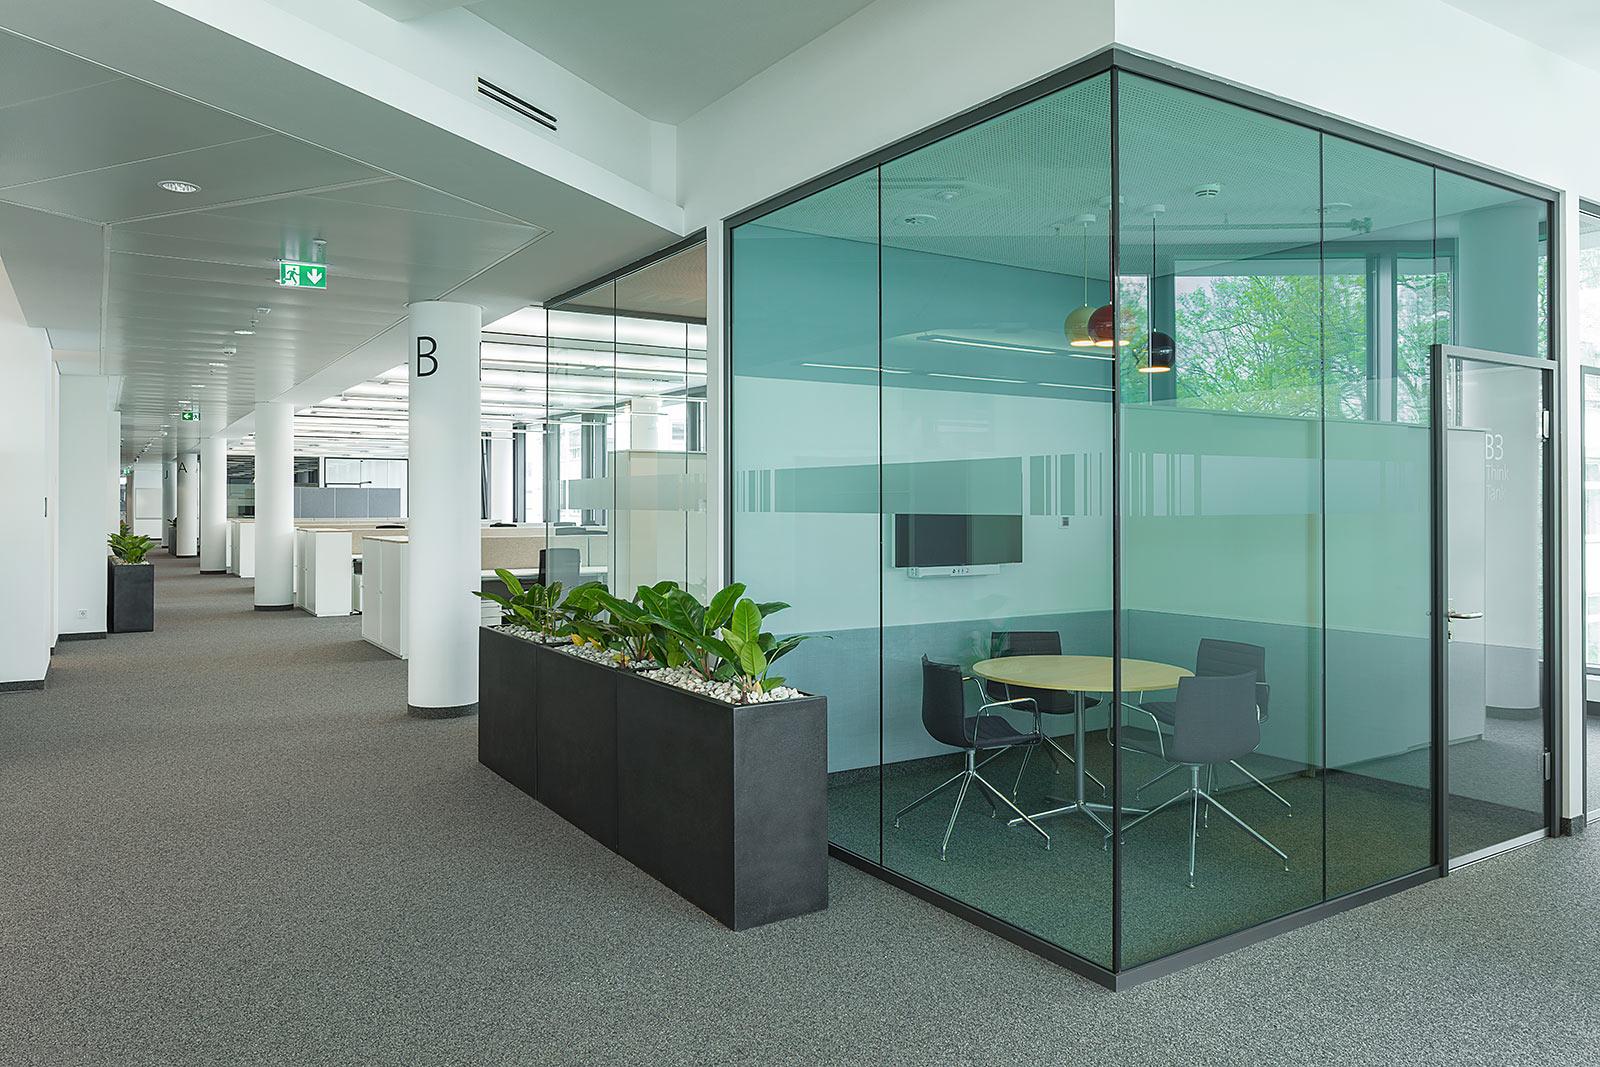 Bürogebäude Fotoaufnahmen